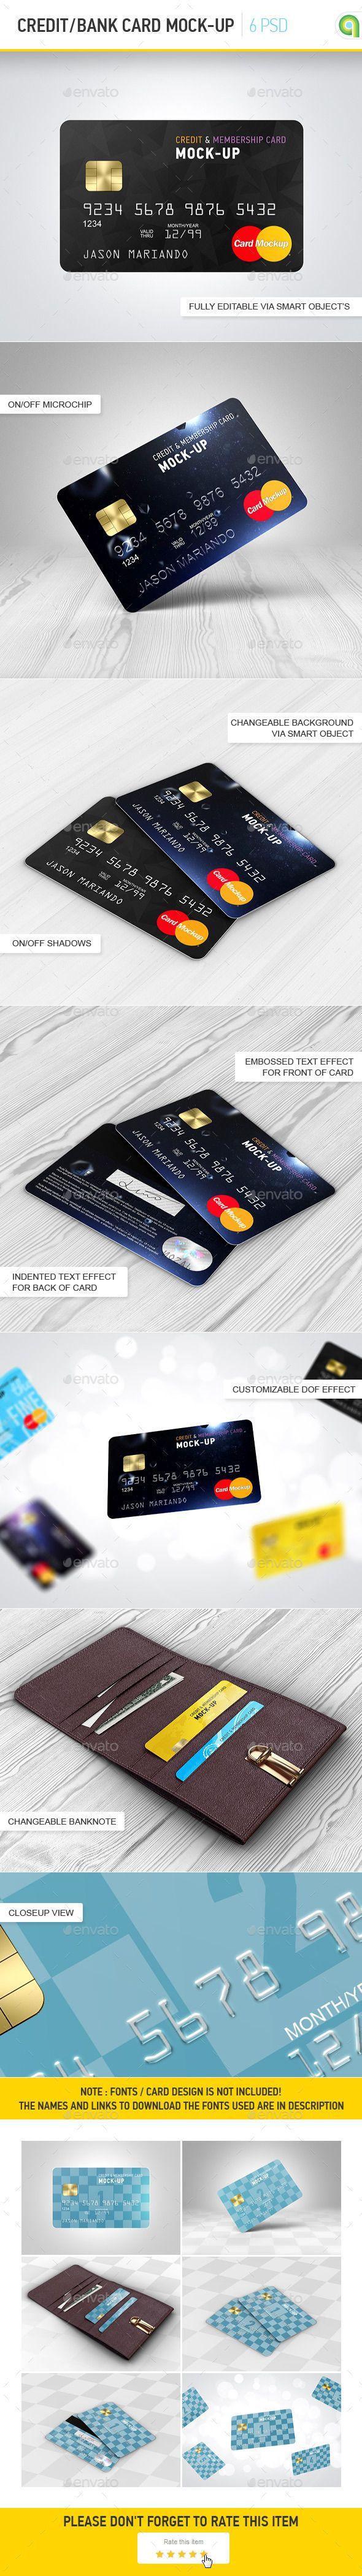 Credit / Bank Card Mock-Up   Download: http://graphicriver.net/item/credit-bank-card-mockup-/9803458?ref=ksioks